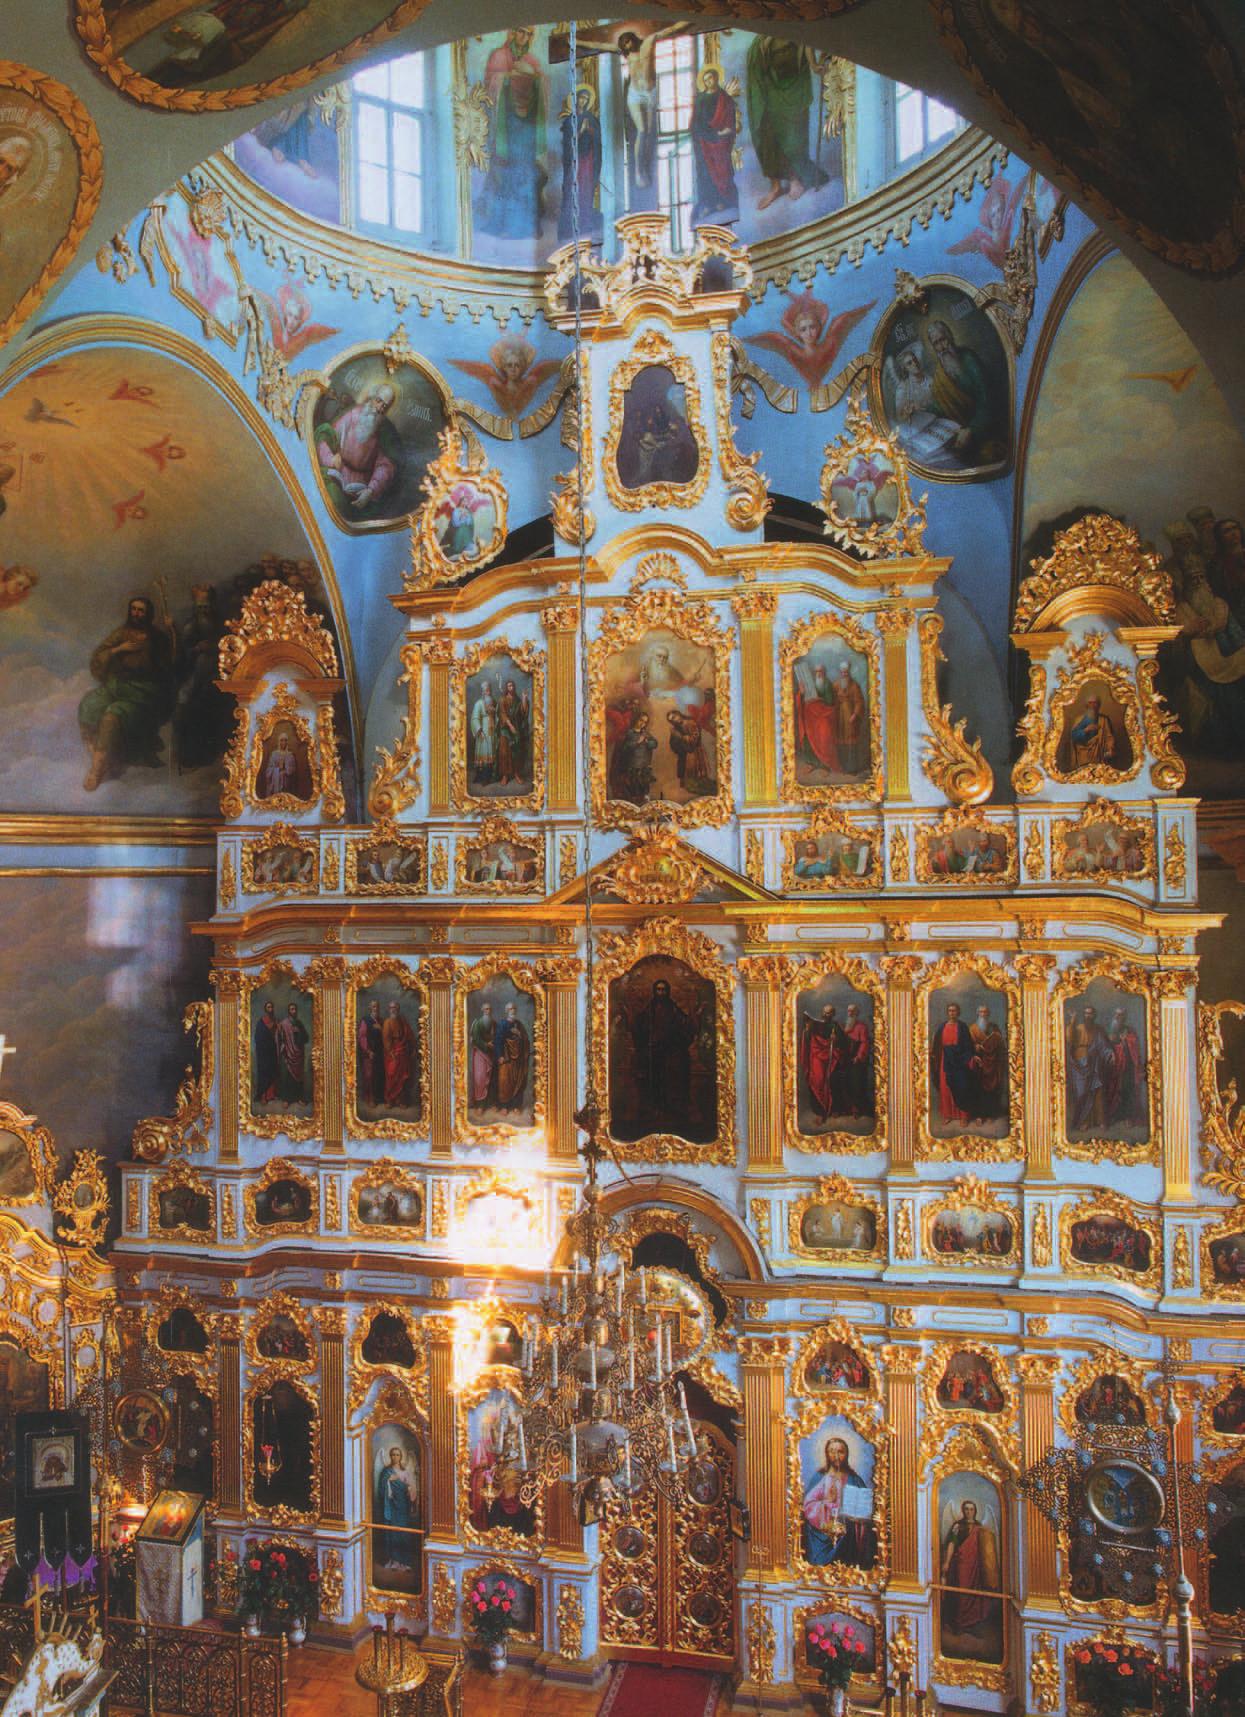 Иконостас Крестовоздвиженской церкви (1767)—апофеоз мастерства киевского «сныцарского цеха» и Лаврской иконописной школы.